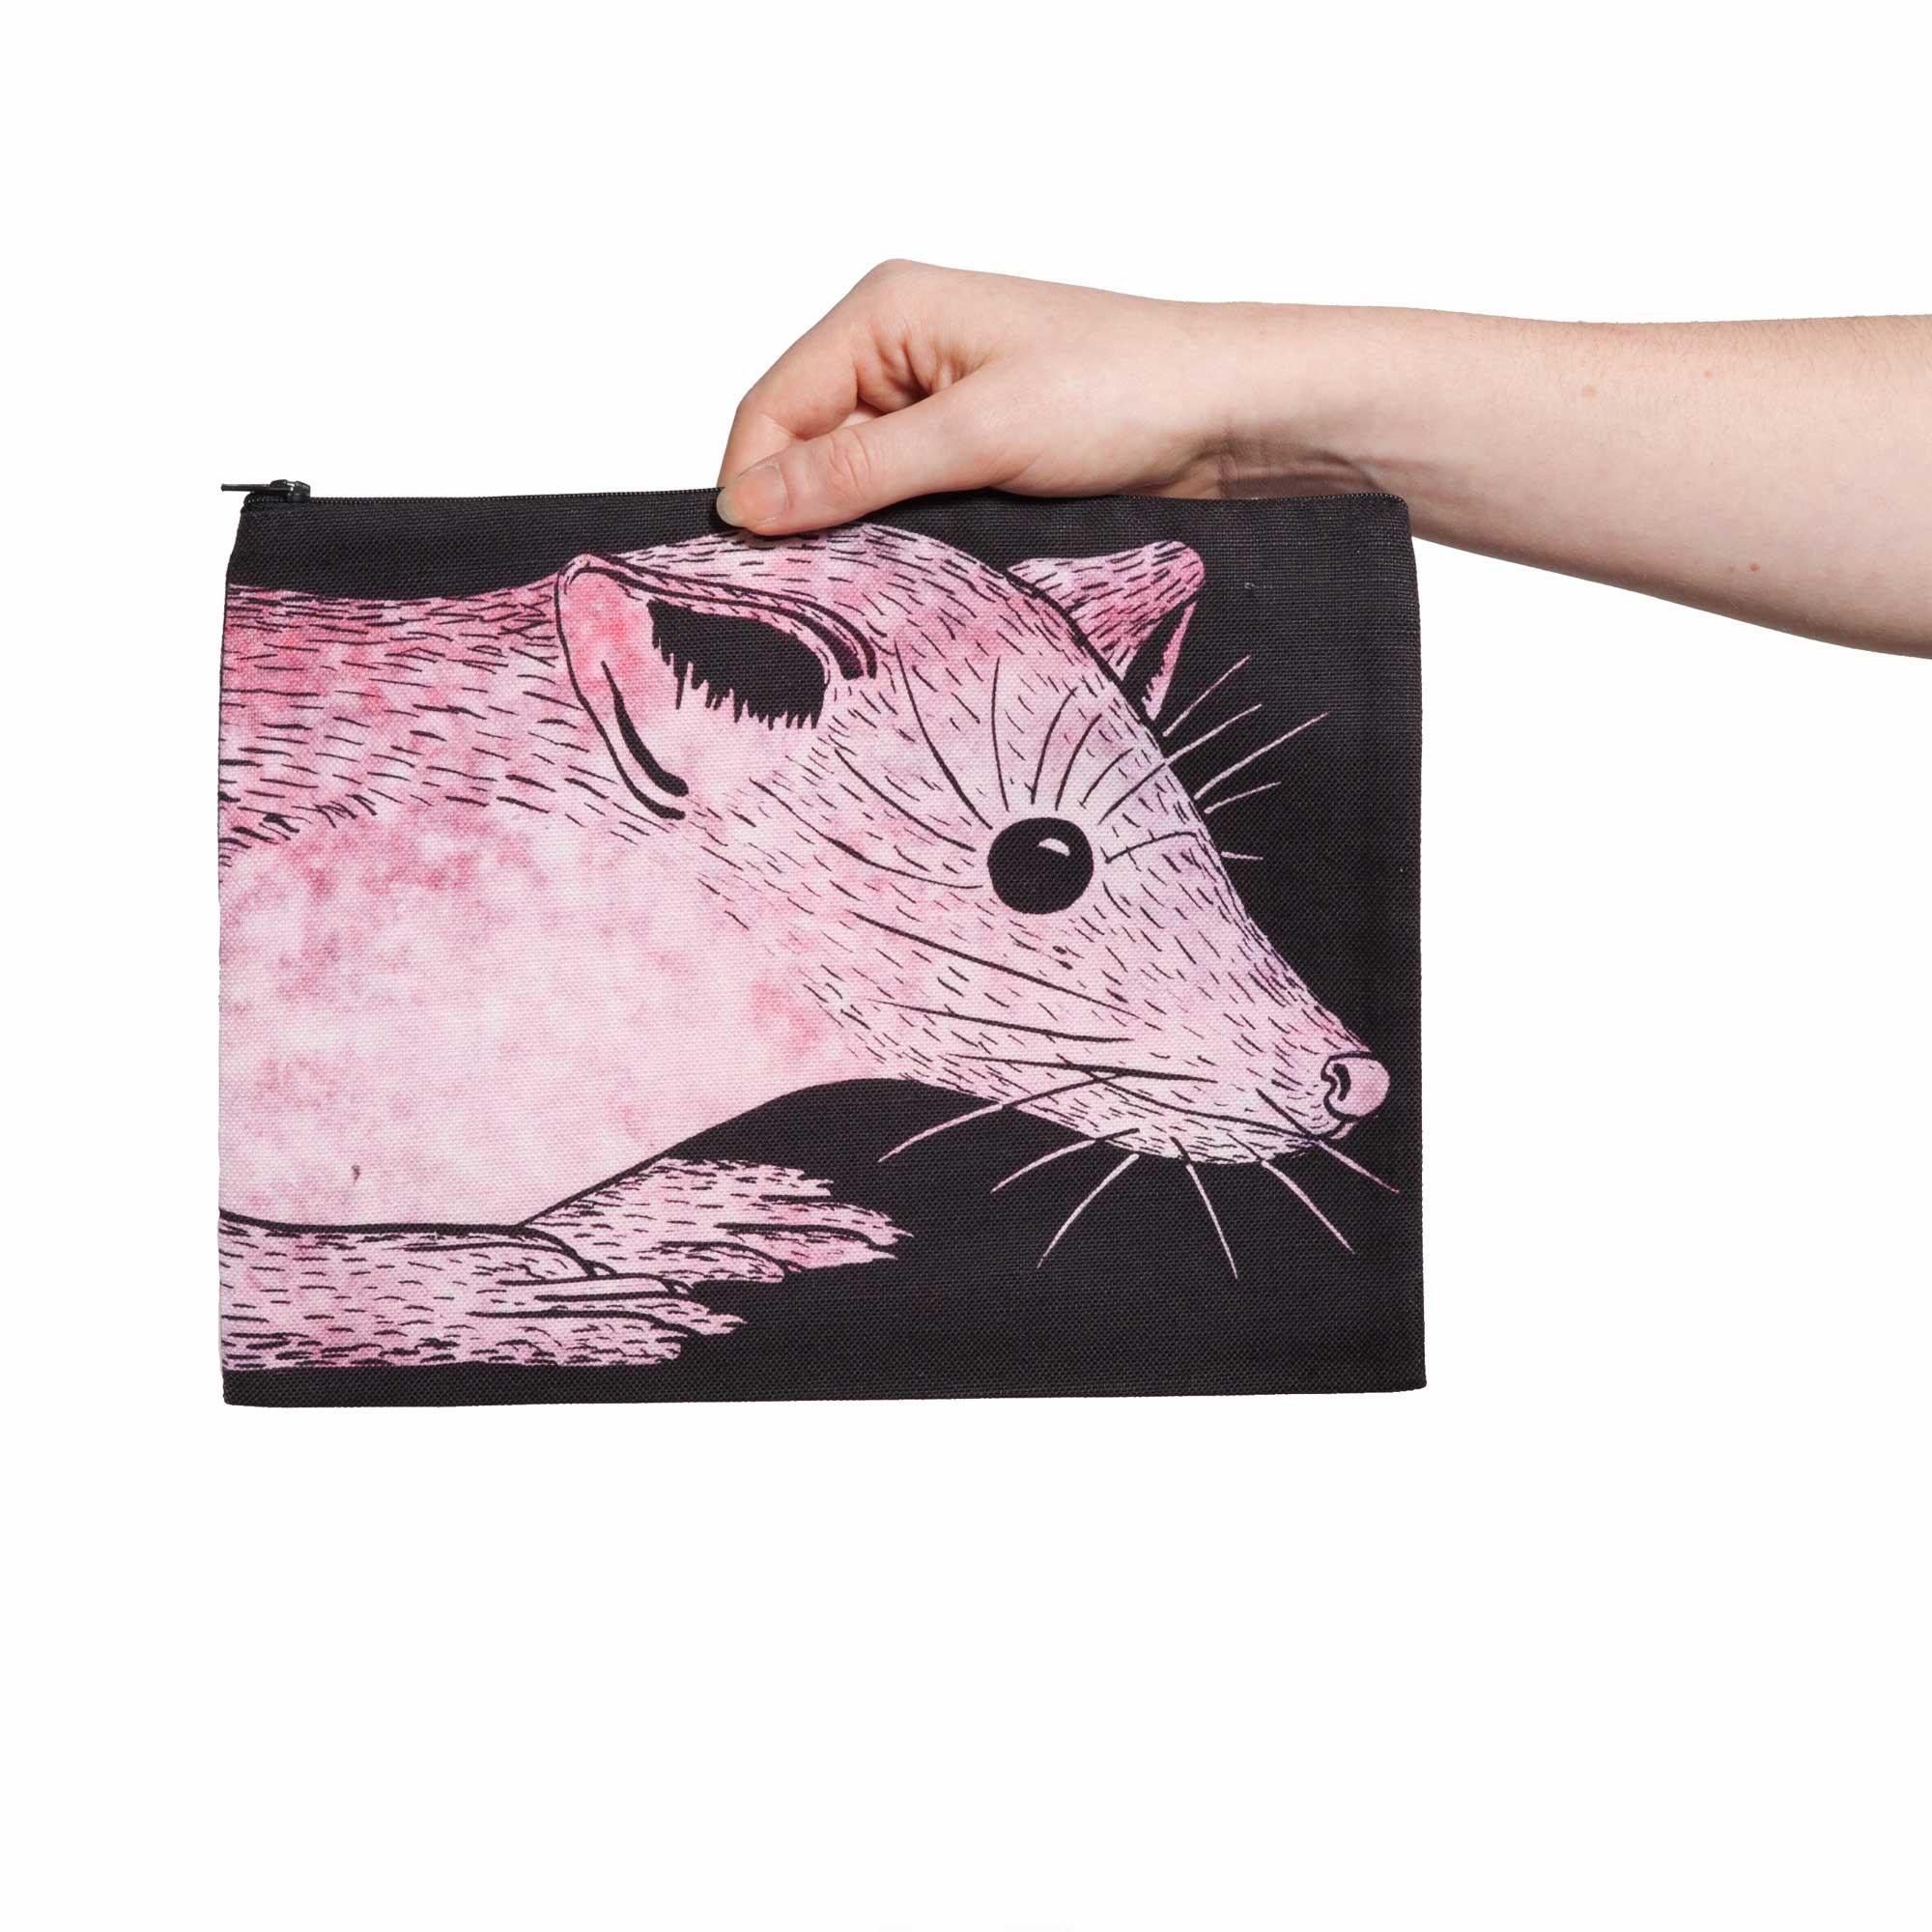 Une pochette taille L de la collection Fourrure de Céline Dominiak, avec une tête de martre rose sur fond noir, recto